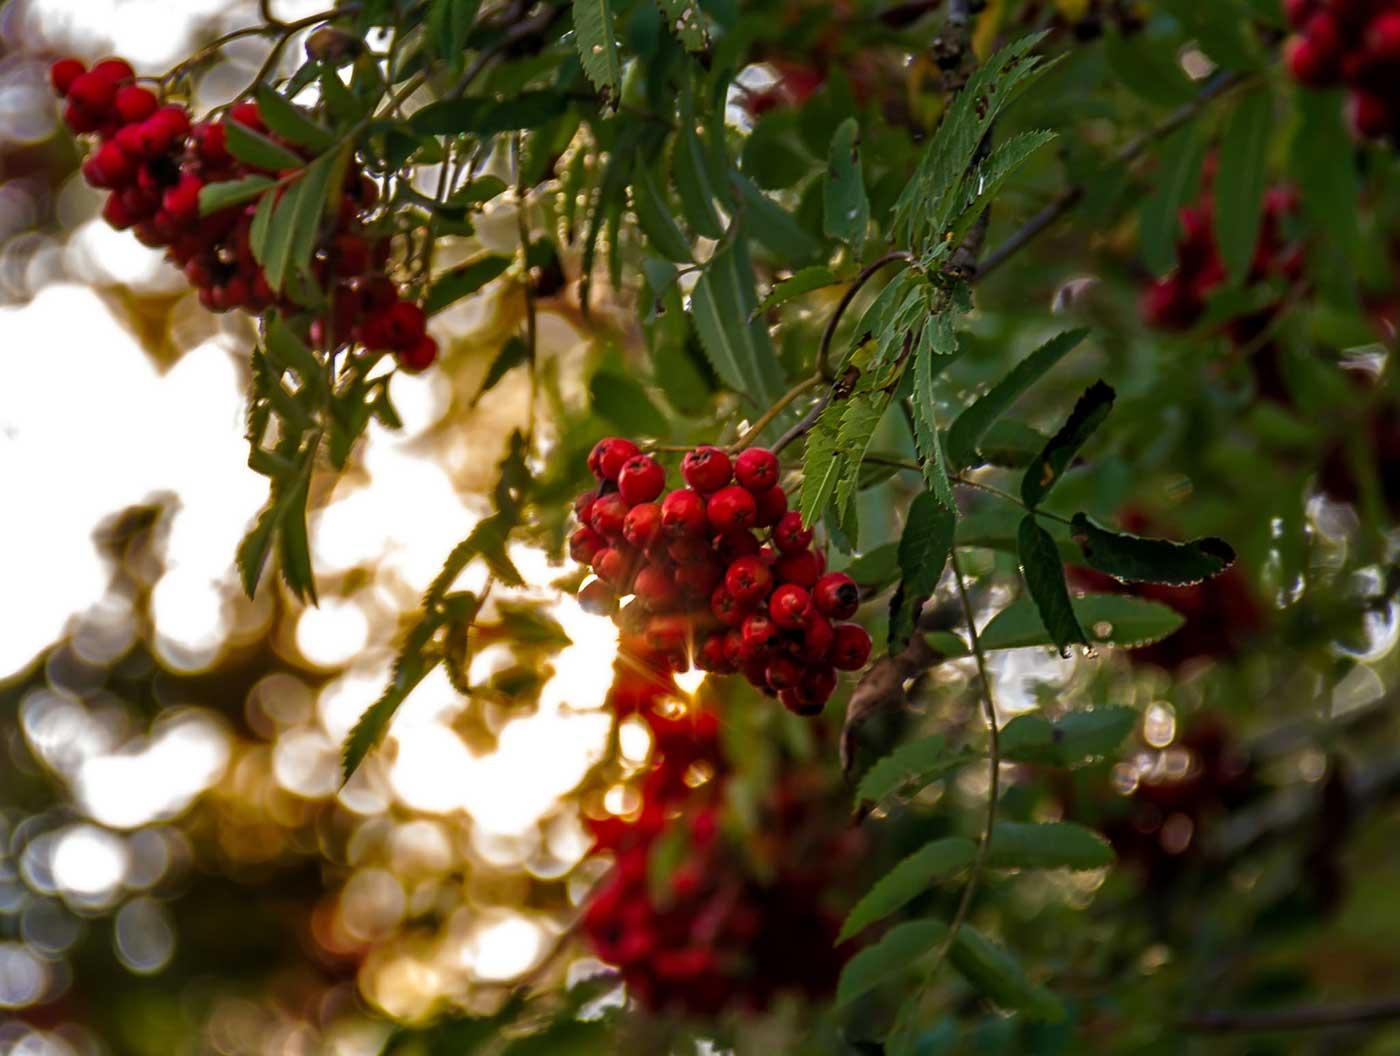 Rönnbär Foto: Ludwig Sörmlind by: flickr.com